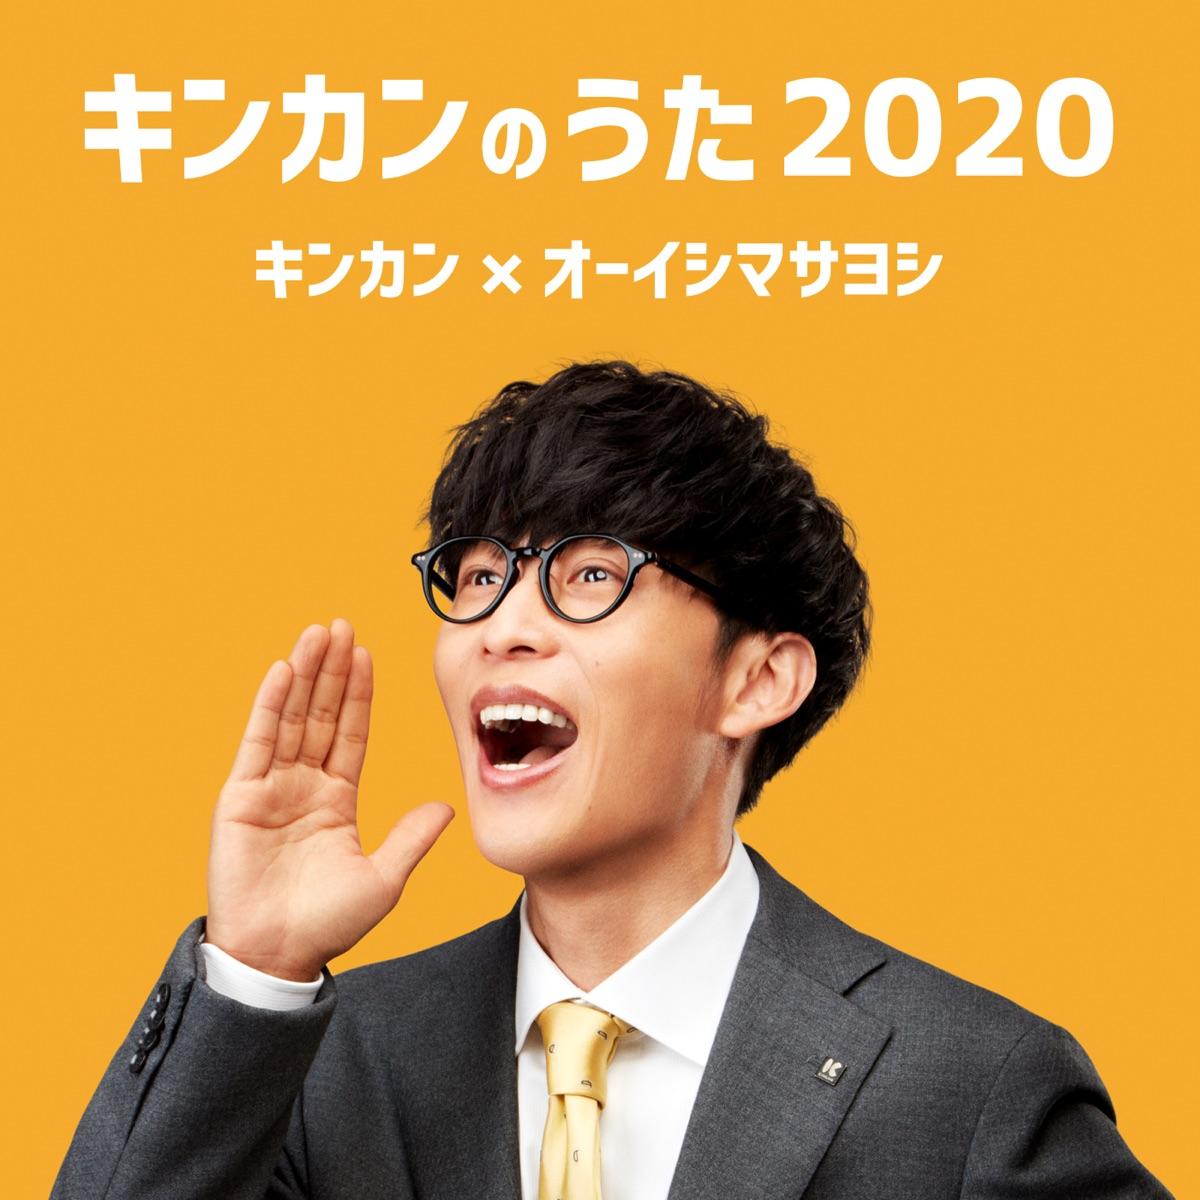 『オーイシマサヨシ - キンカンのうた2020』収録の『キンカンのうた2020』ジャケット